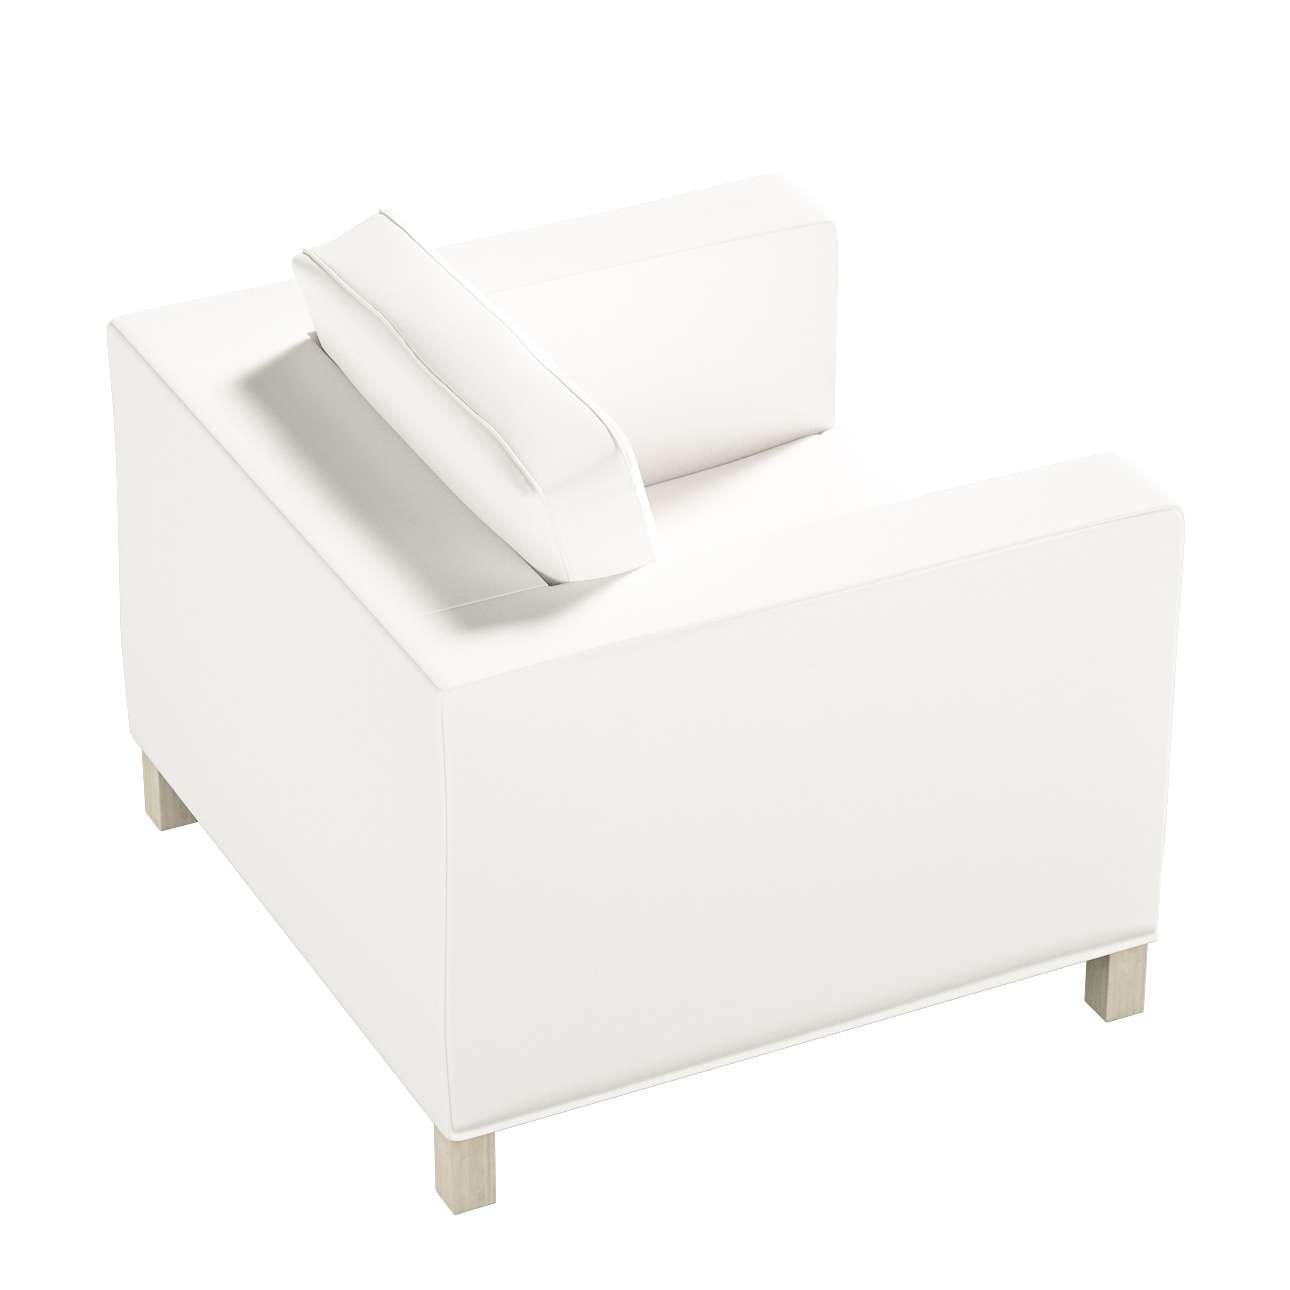 Pokrowiec na fotel Karlanda, krótki w kolekcji Cotton Panama, tkanina: 702-34